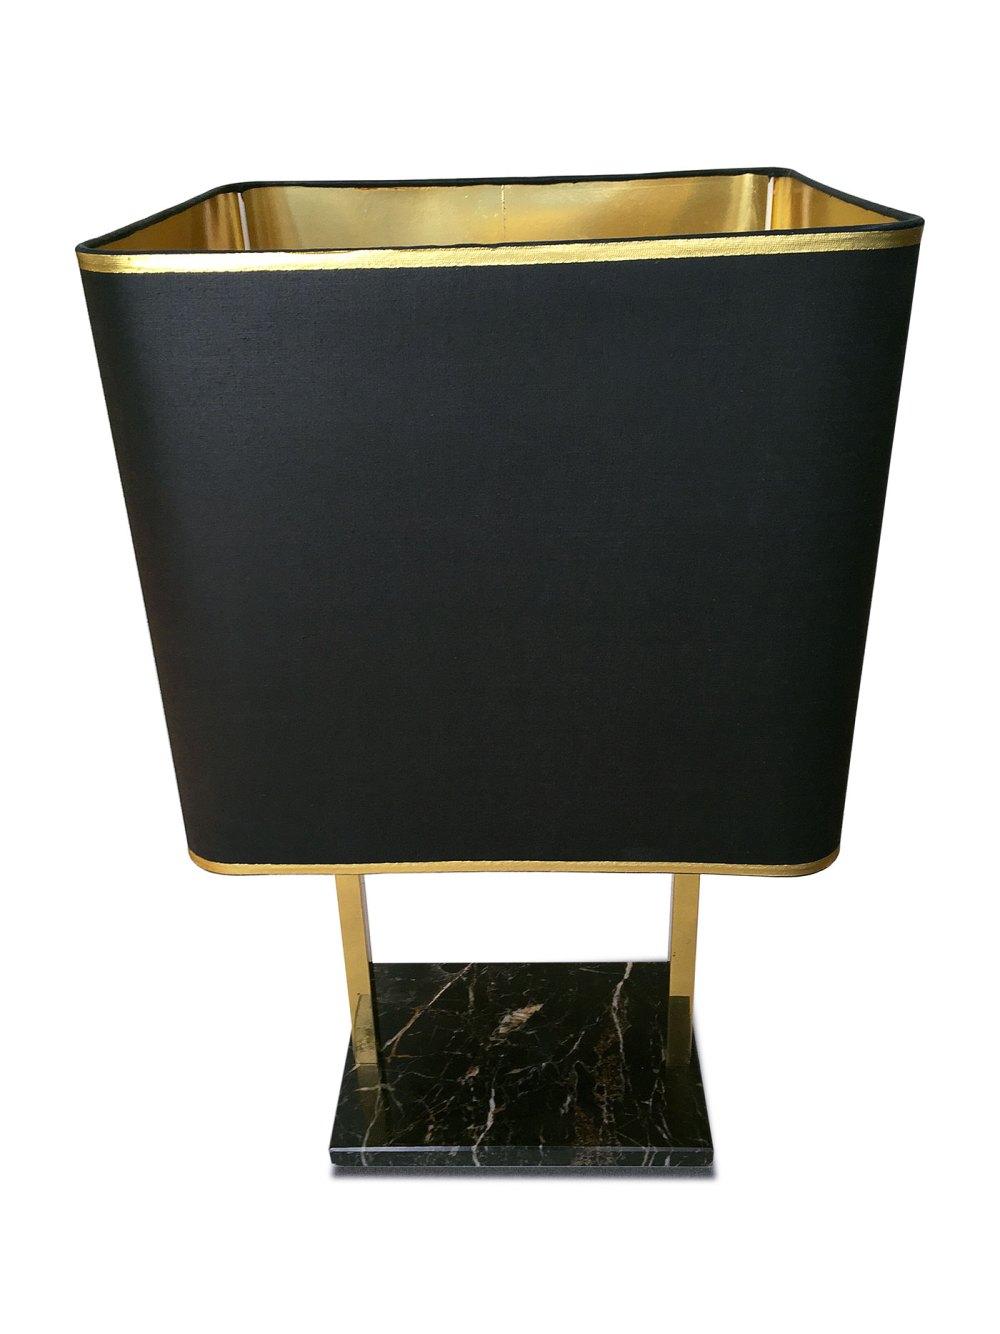 lampe de salon vintage laiton et marbre, noire et dorée. En vente chez ltgmoood luminaires vintage à paris.